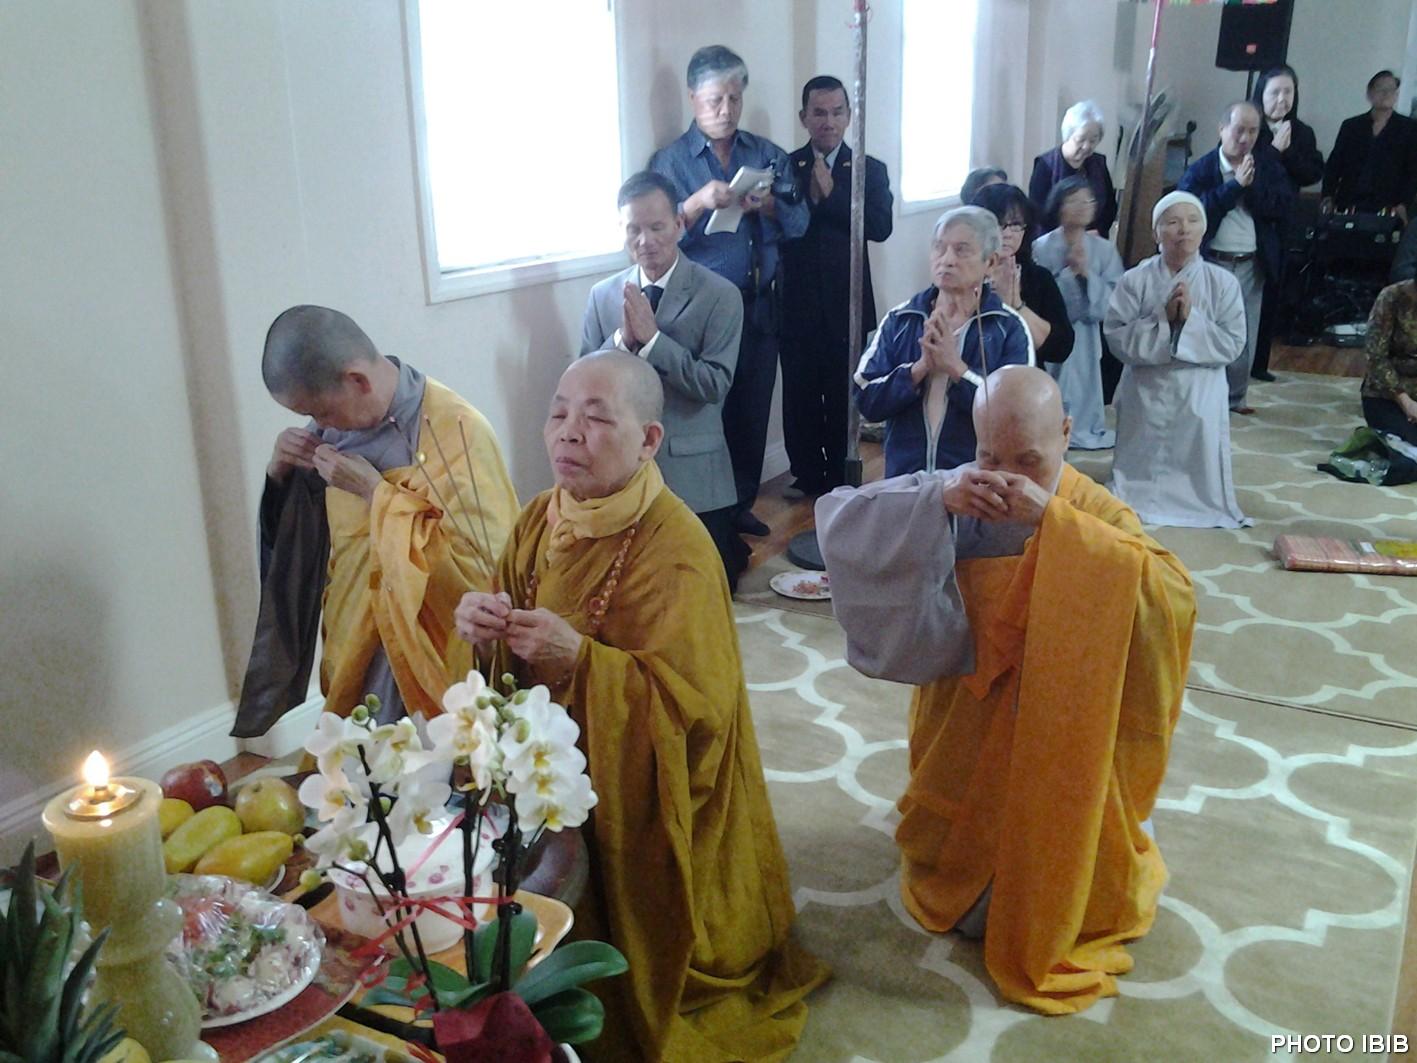 Sư Bà Thích Nữ Nguyên Thanh đảnh lễ trước Linh đài HT Cố Viện trưởng